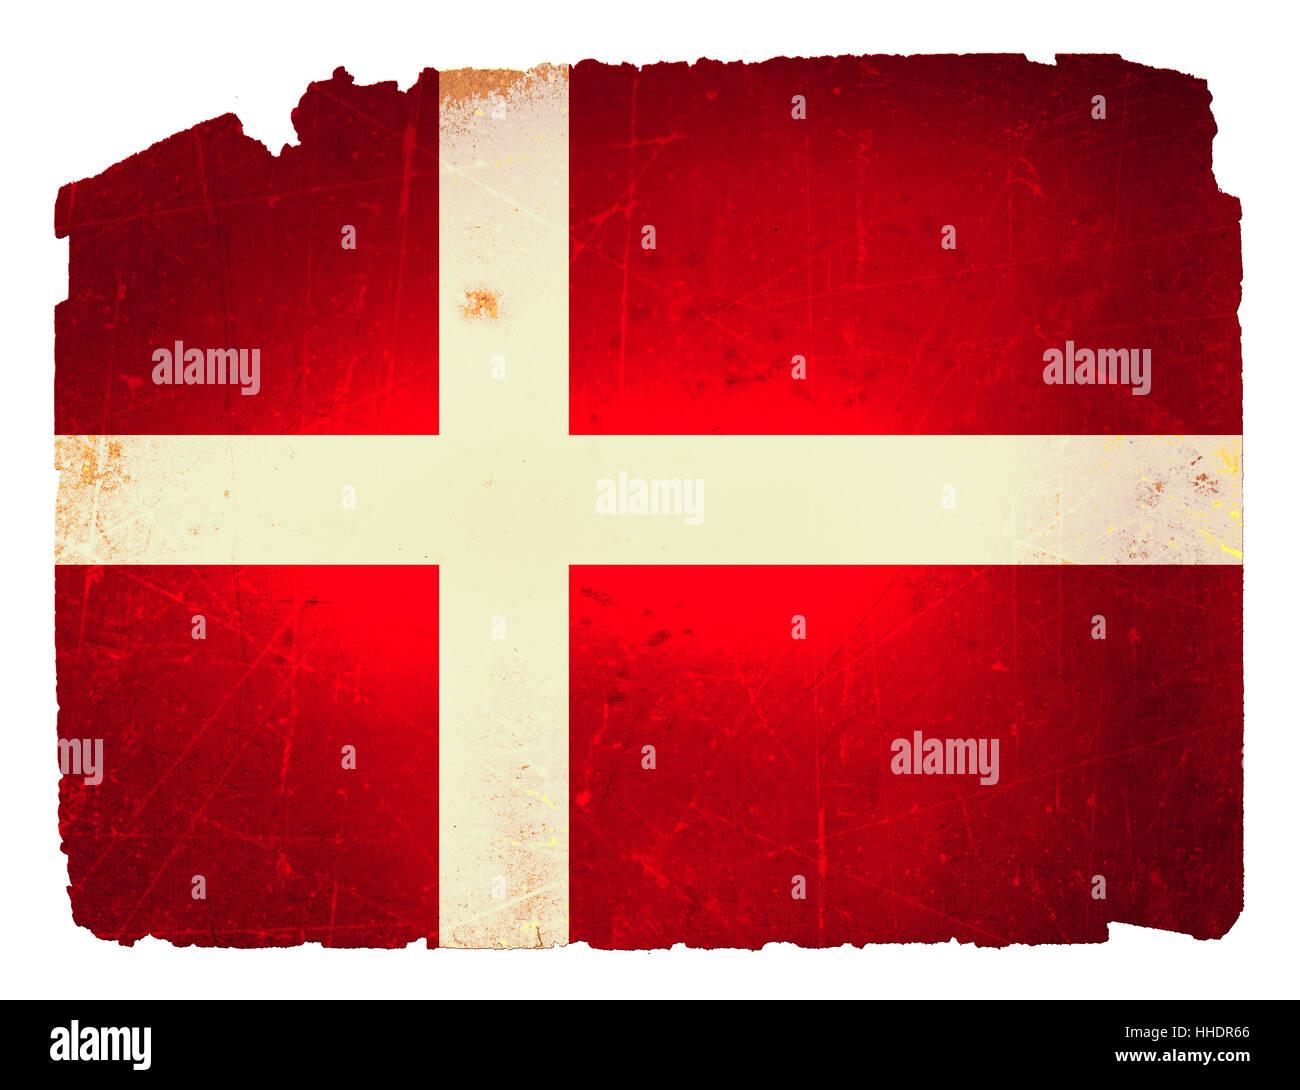 Dänemark, Flagge, Flaggen, Long shot, retro, Kutte, absolut, Dekorationen, Stockbild